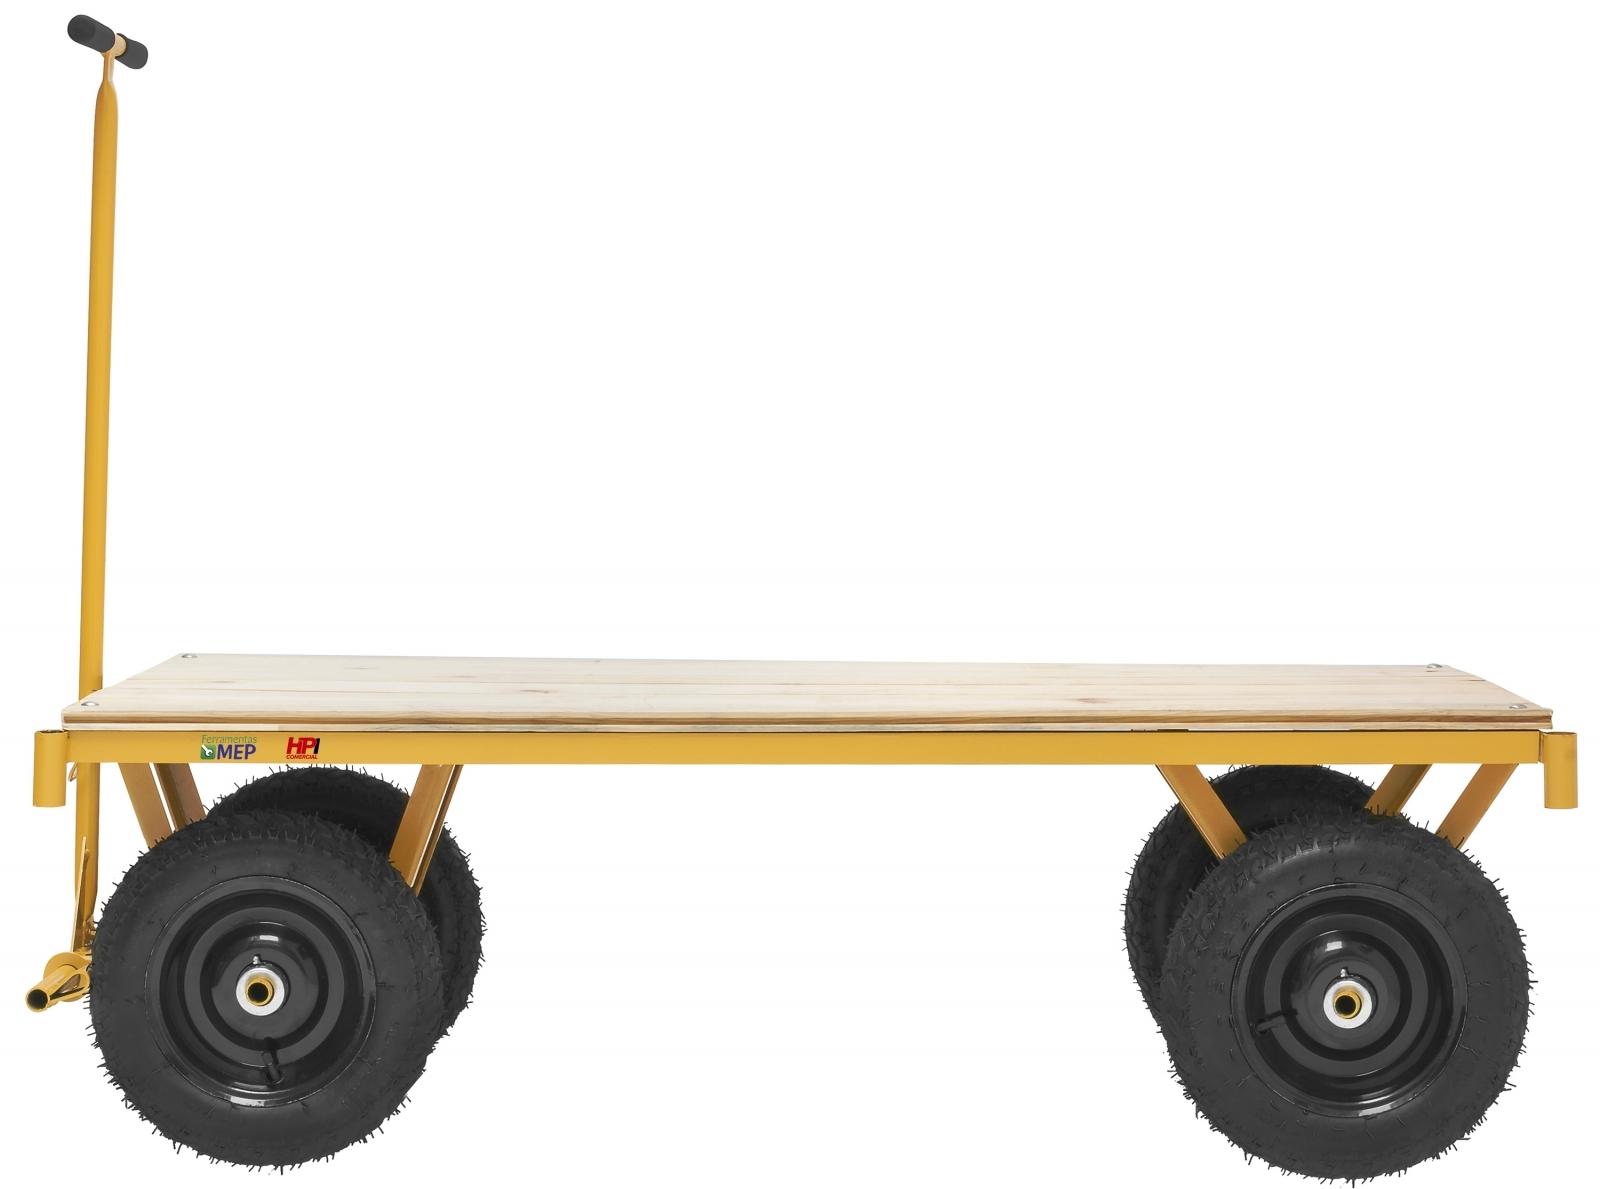 Carrinho Para Movimentação Transporte De Cargas Plataforma - Ferramentas MEP